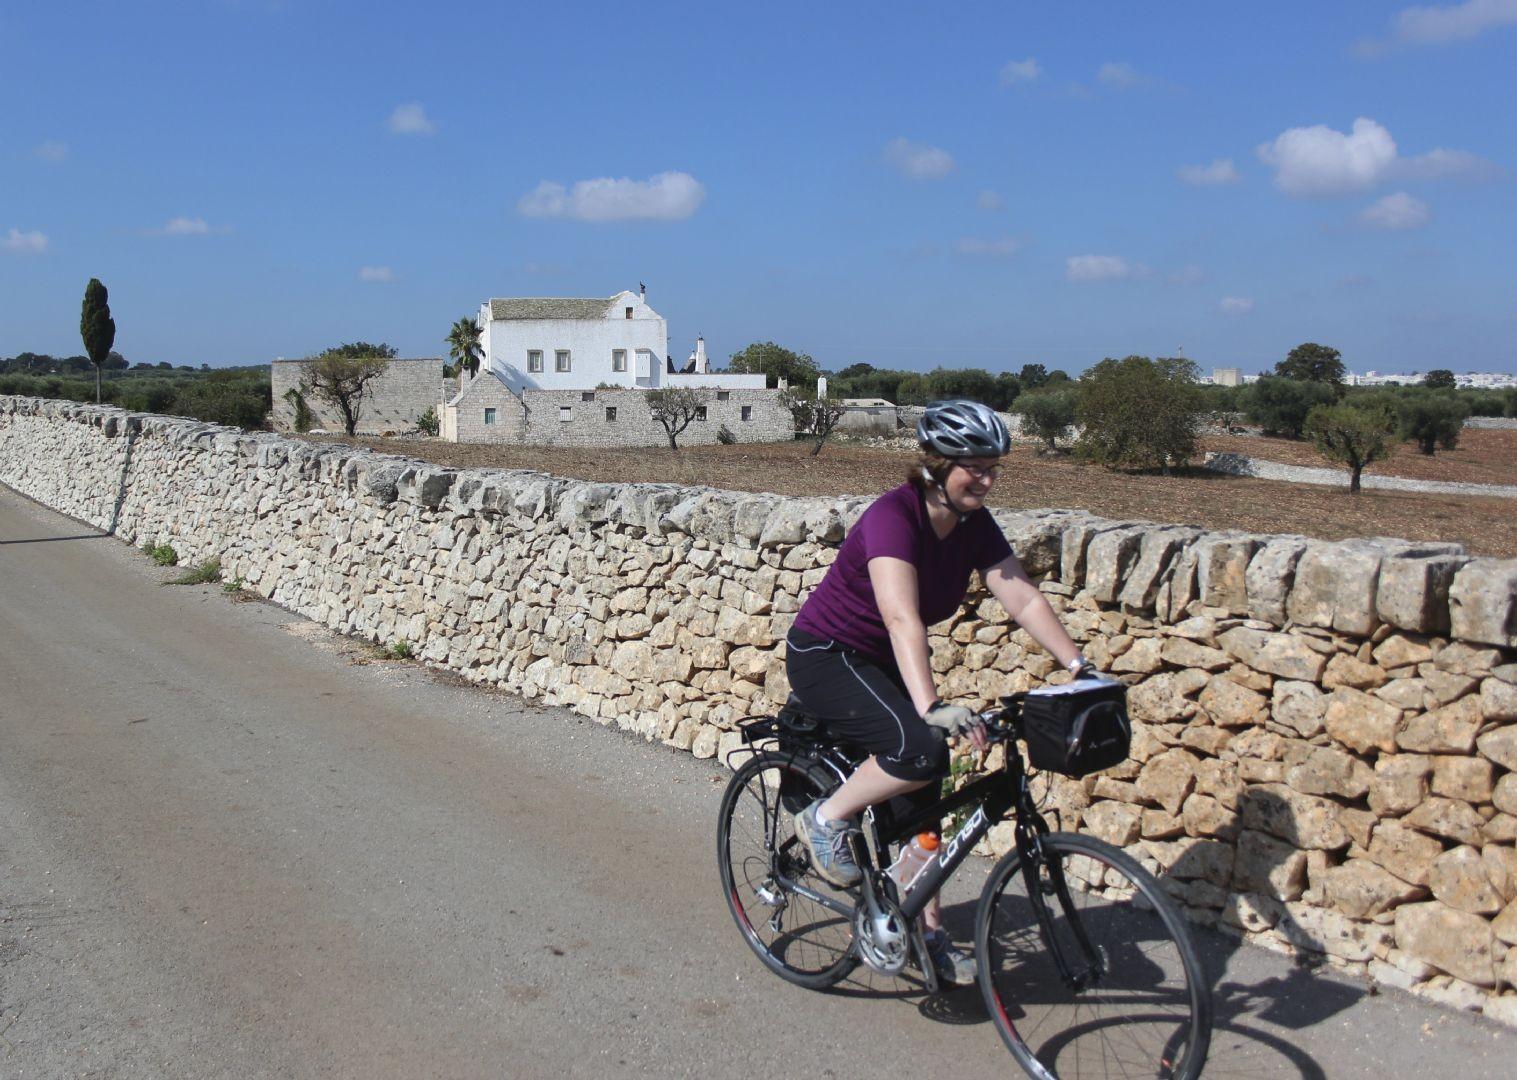 cycling-holiday-puglia-italy.jpg - Italy - Puglia - Guided Leisure Cycling Holiday - Leisure Cycling